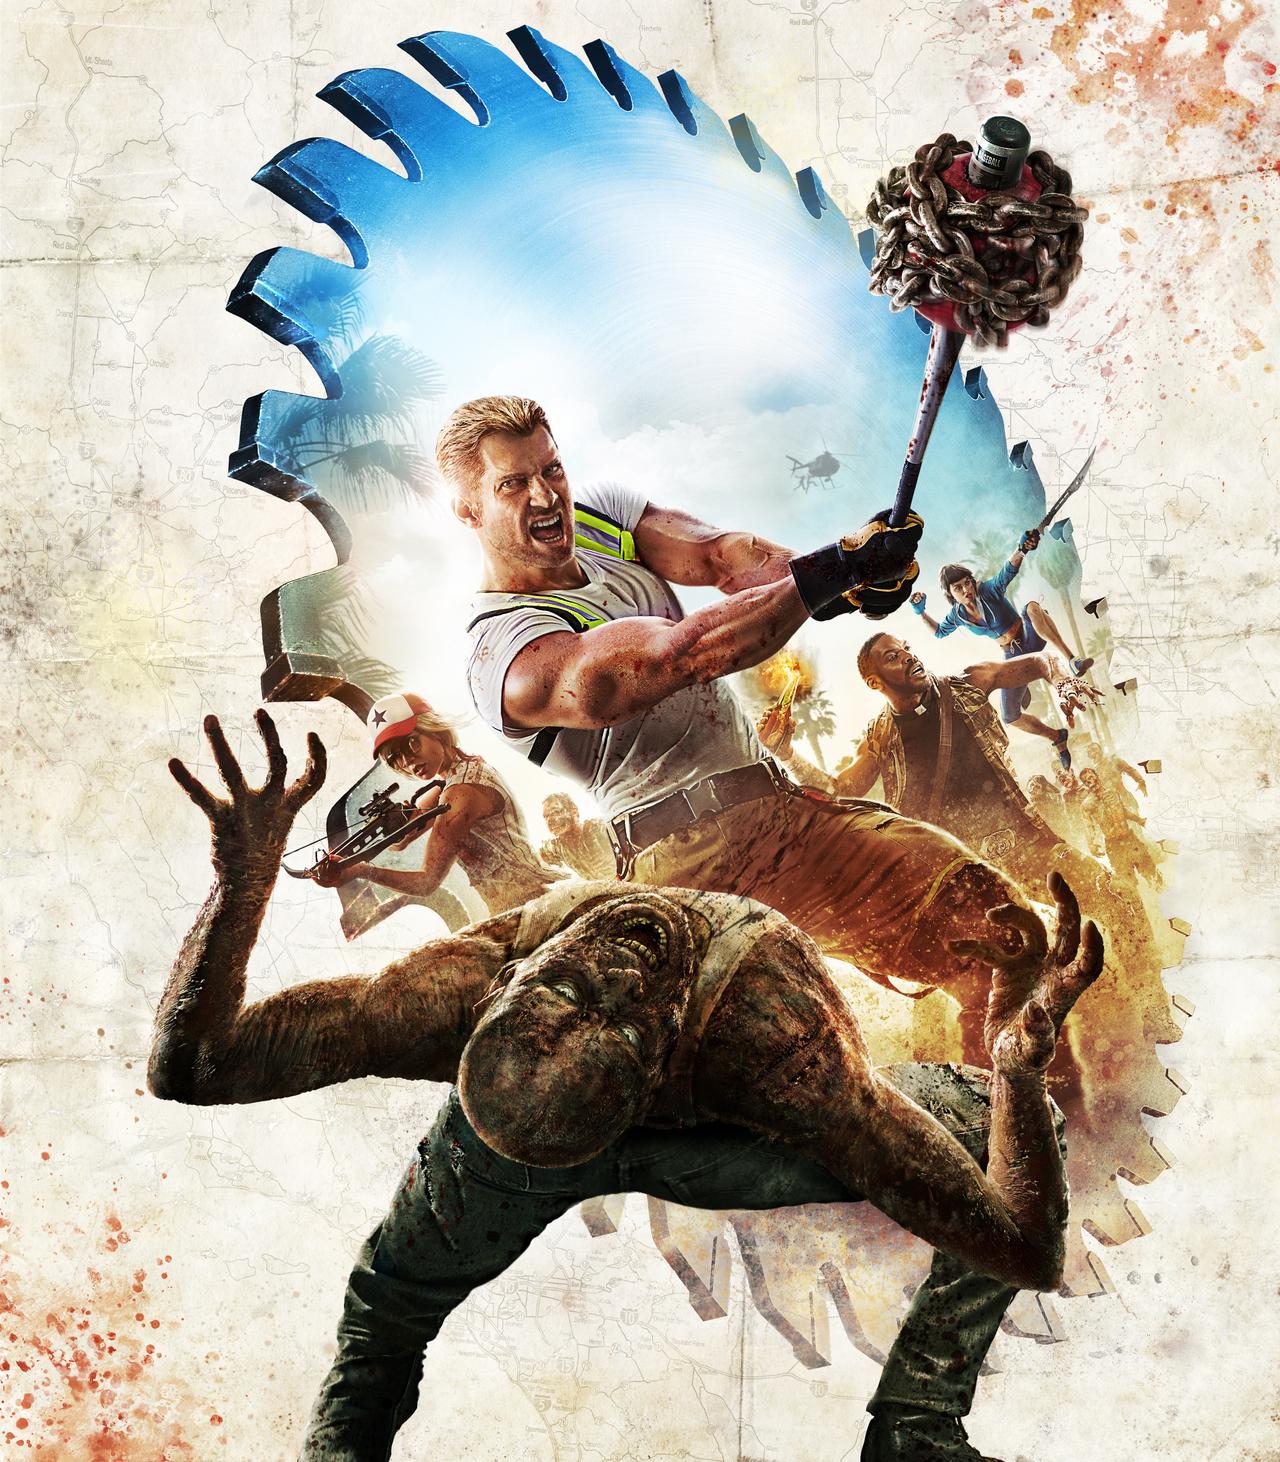 Jeux Monde Ouvert Ps Dead Island